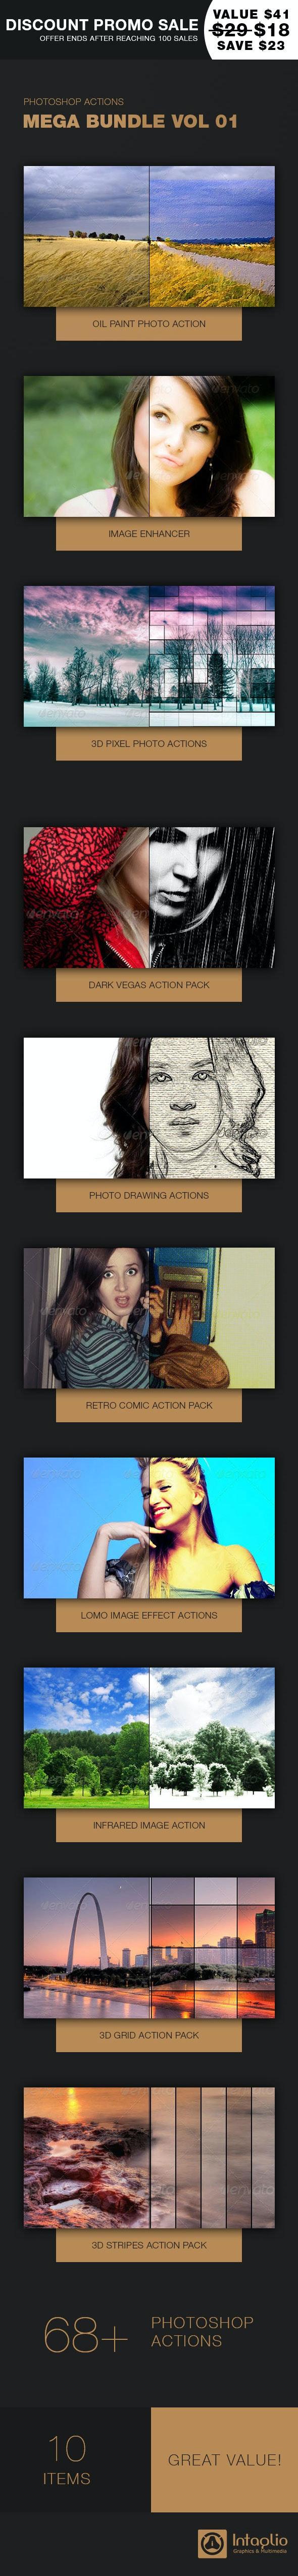 Photoshop Actions Mega Bundle Vol 1 - Actions Photoshop